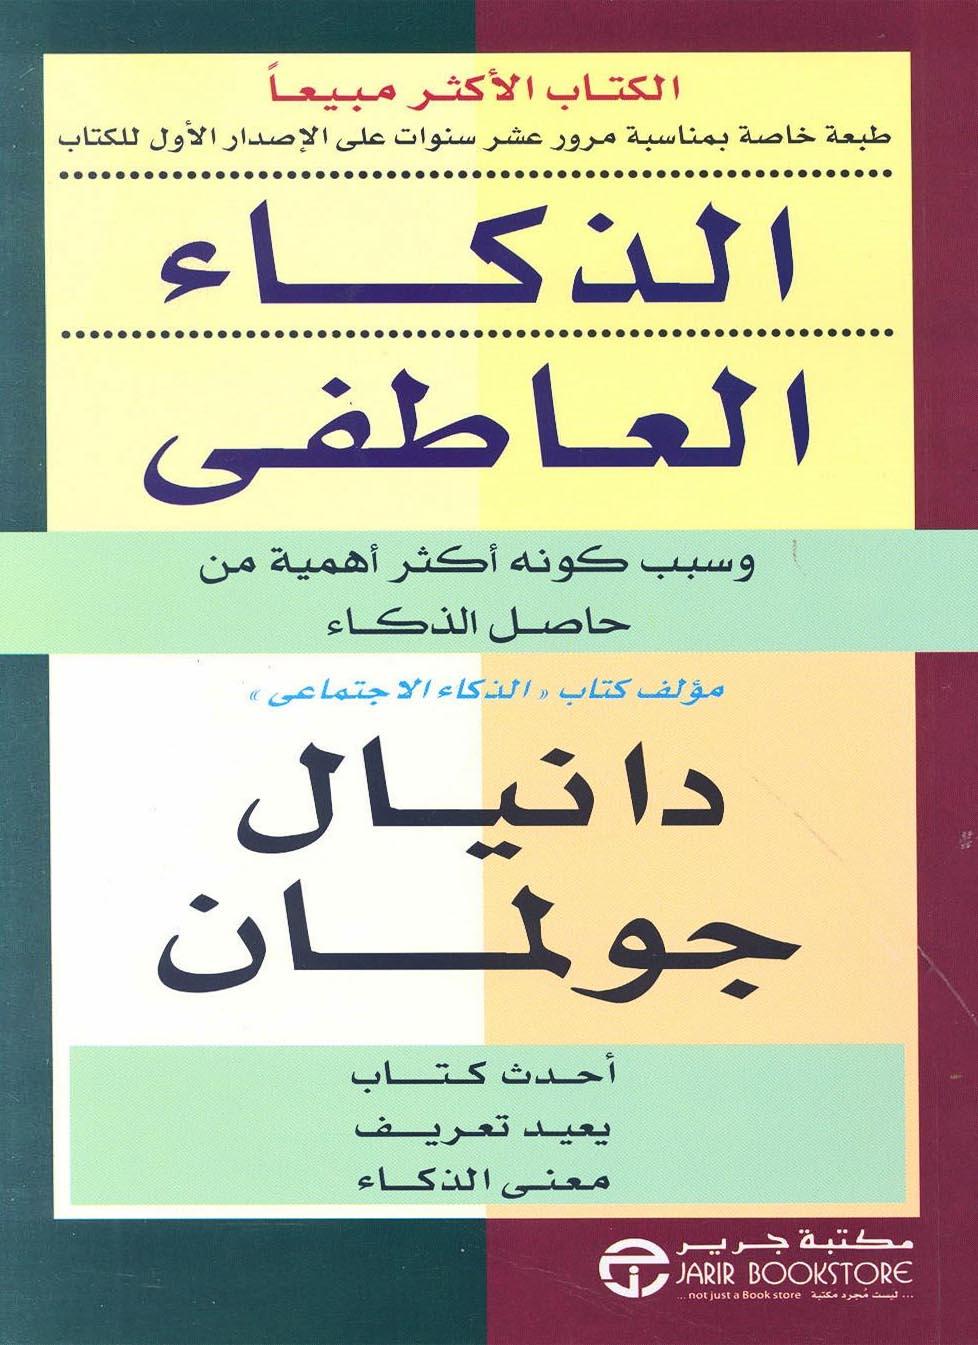 تحميل كتاب الذكاء العاطفي دانييل جولمان pdf